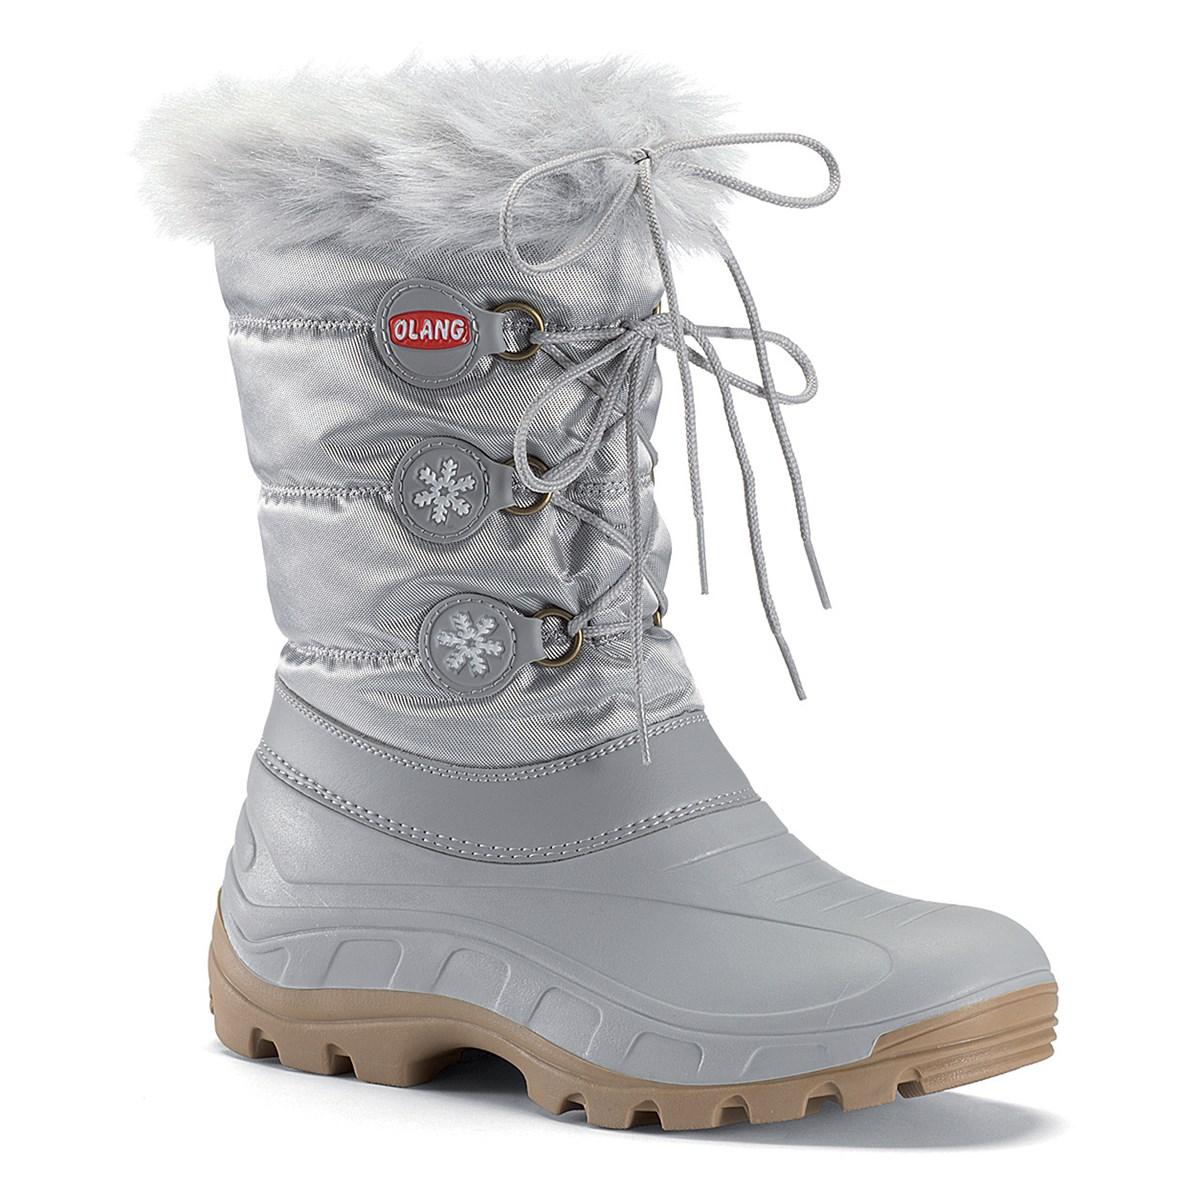 6c7e4cd74b69 Olang Patty Junior Snow Boots in Silver - The Ski Shop Sevenoaks £44.00